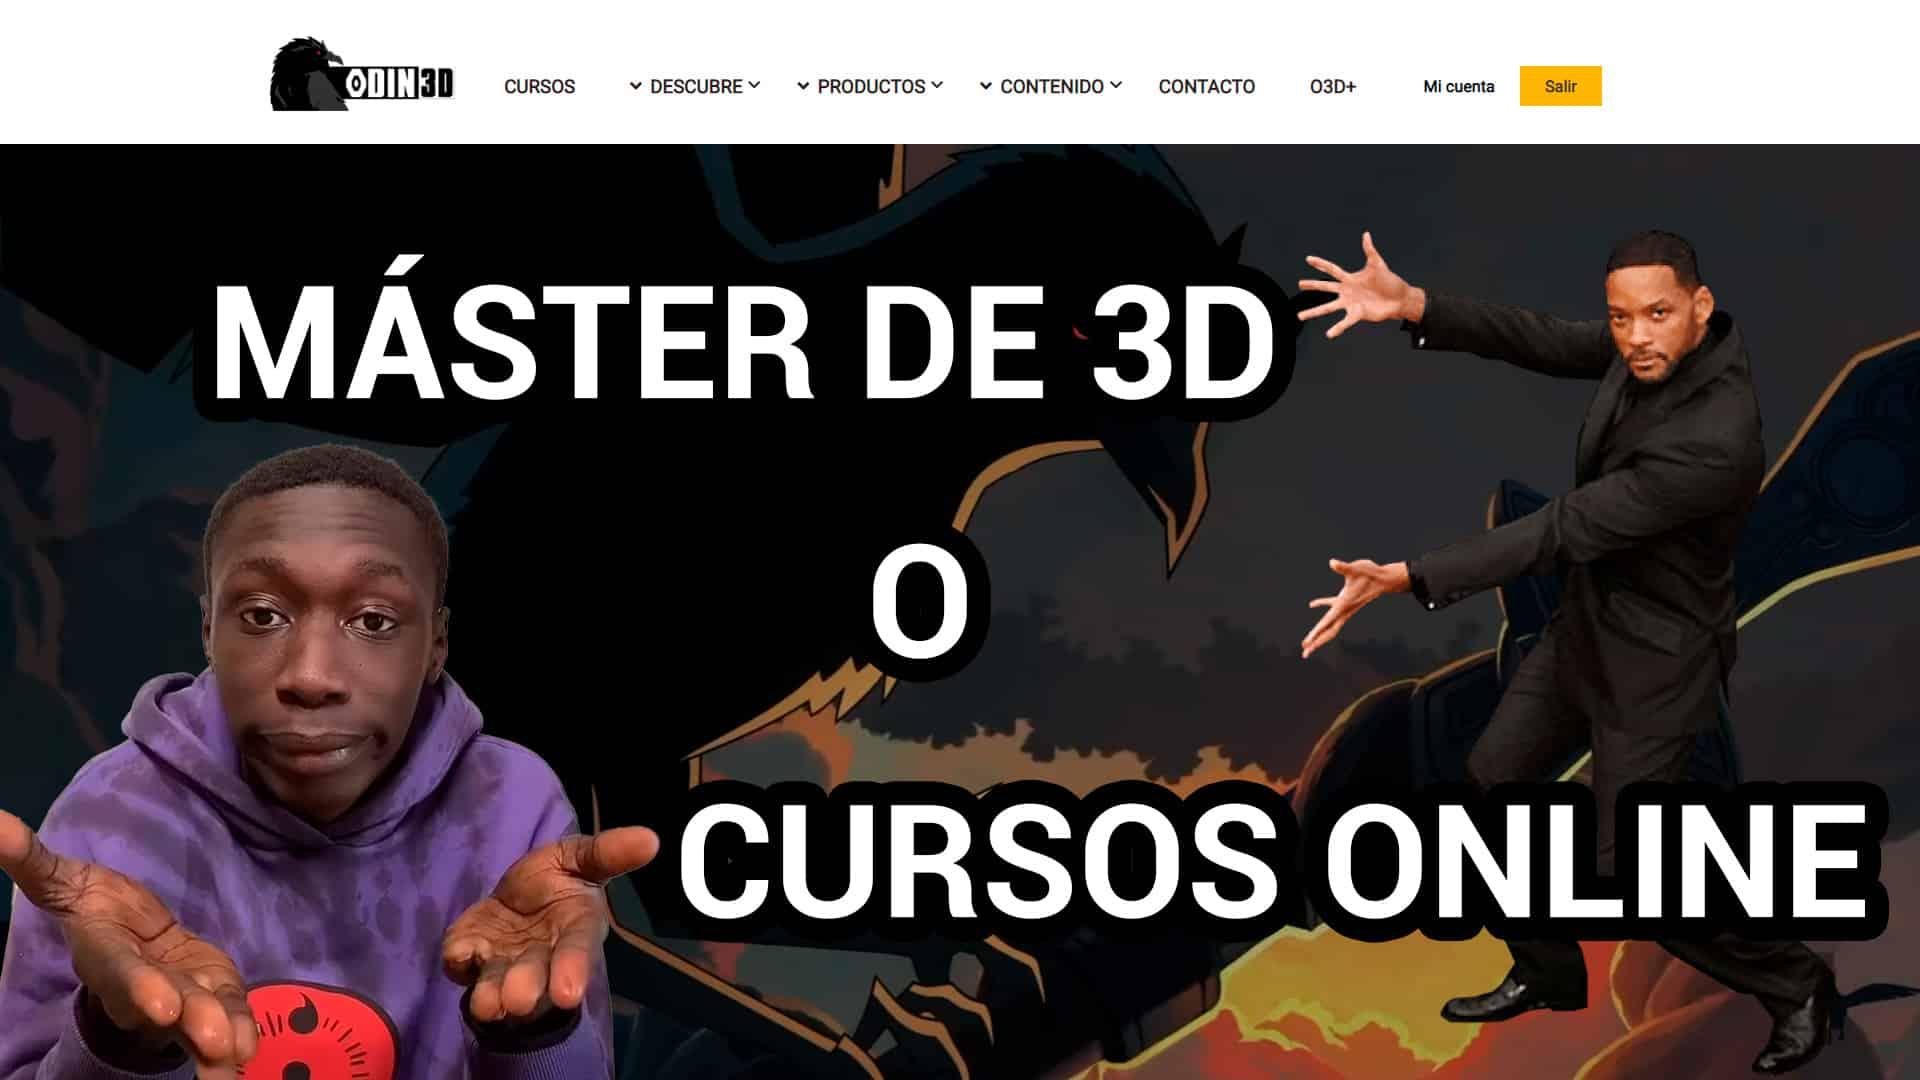 master 3D cursos animación